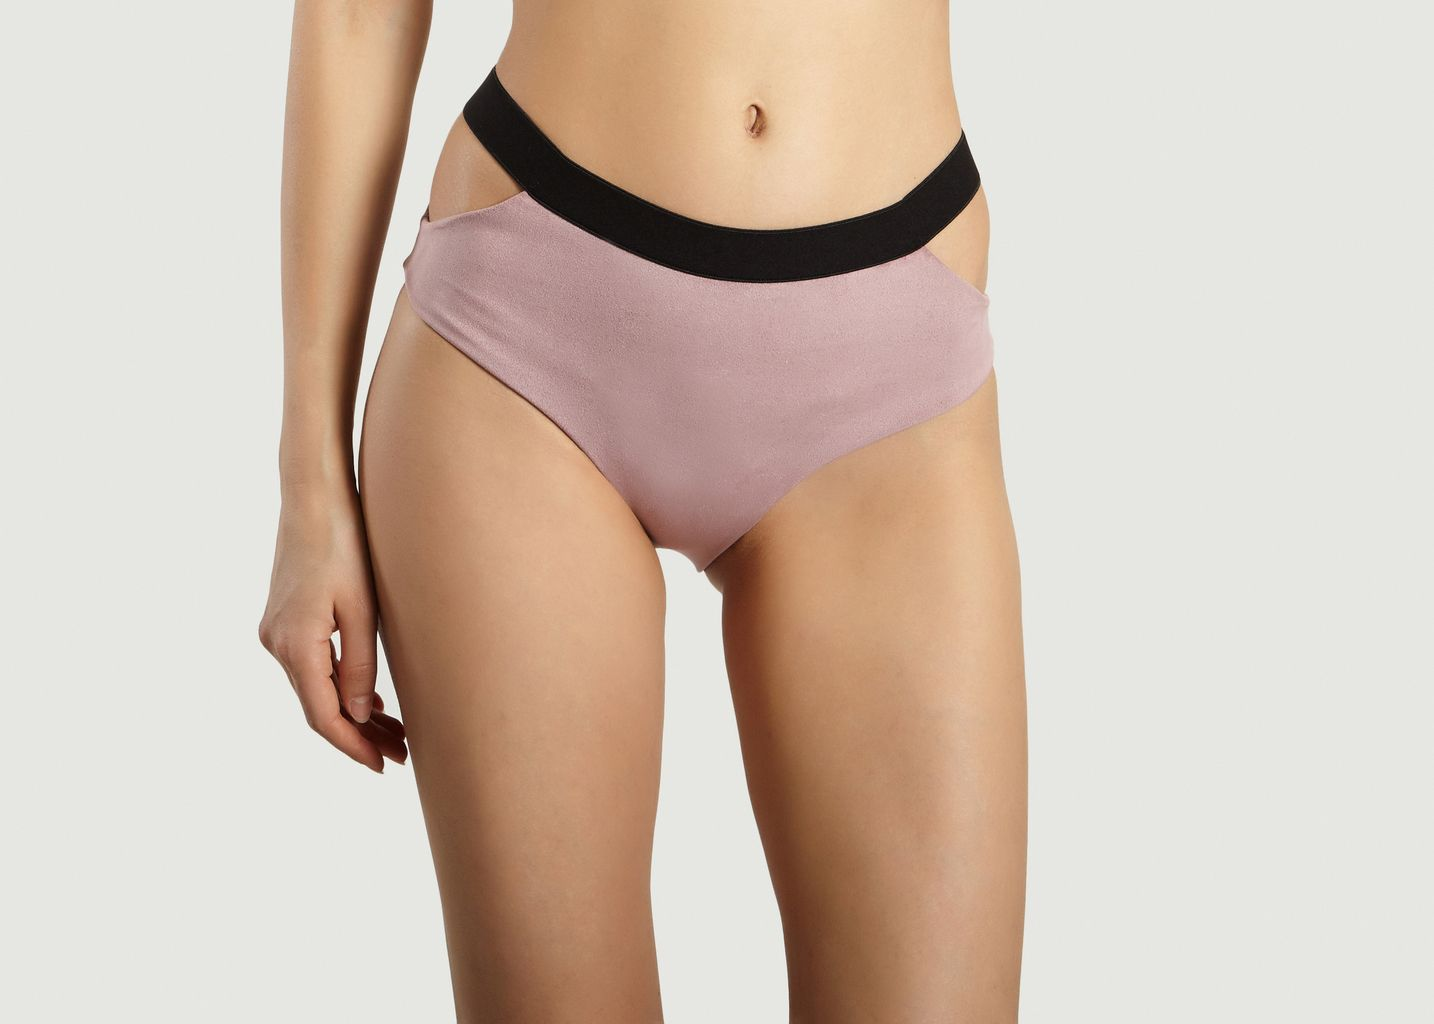 Culotte Alcantara Be Unique - Undress Code